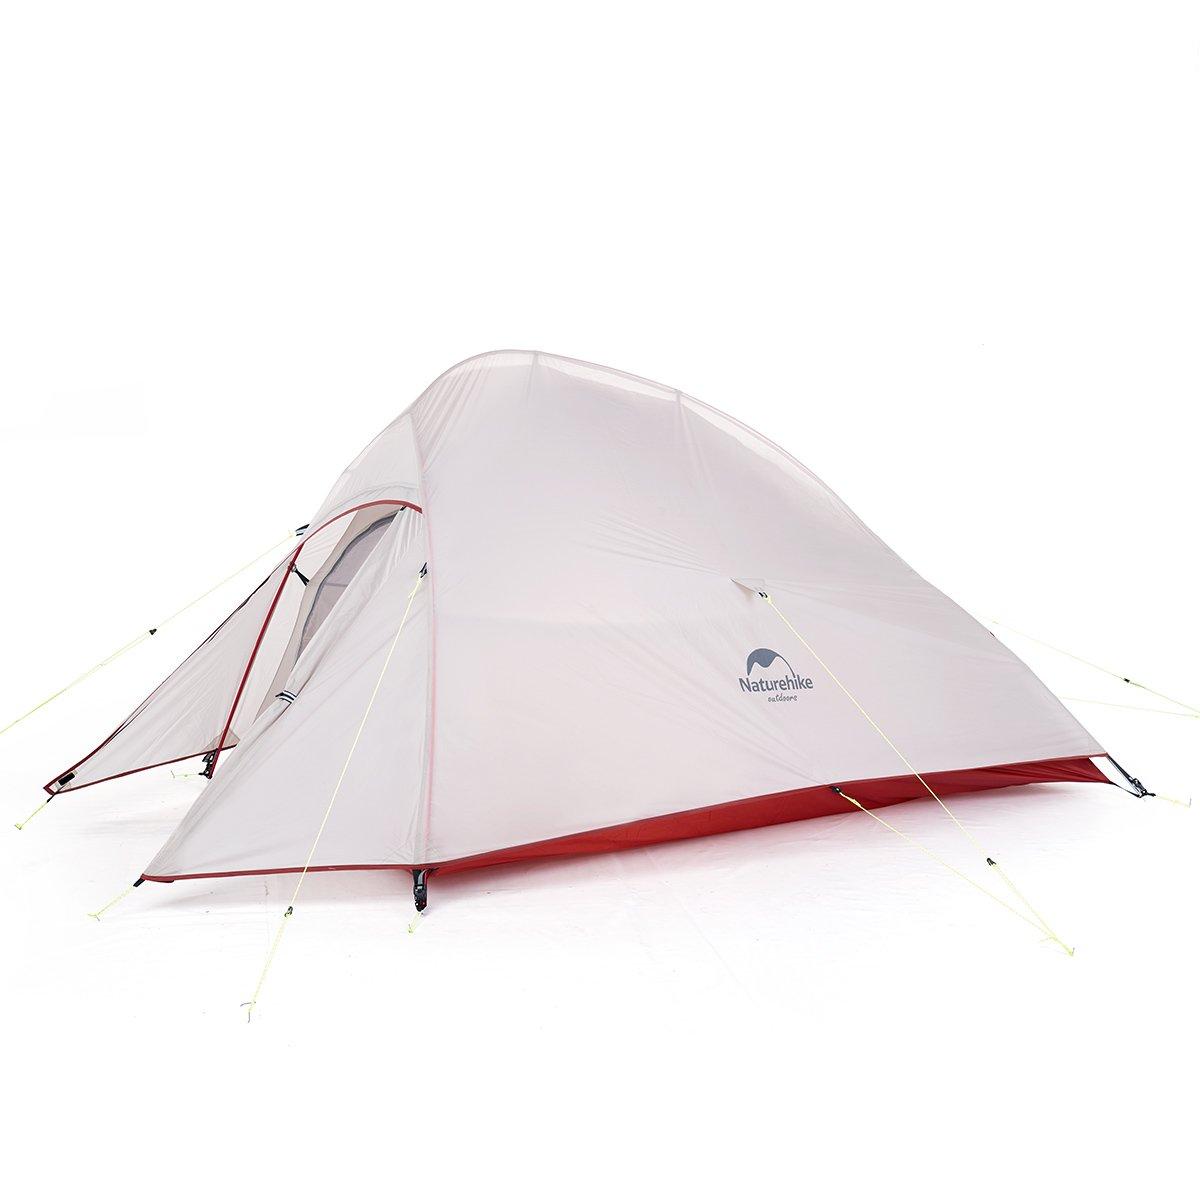 Naturehike Nouveau Cloud-up 2 Tentes Légères 2 Personnes 3-4 Saisons pour la randonnée en Camping product image